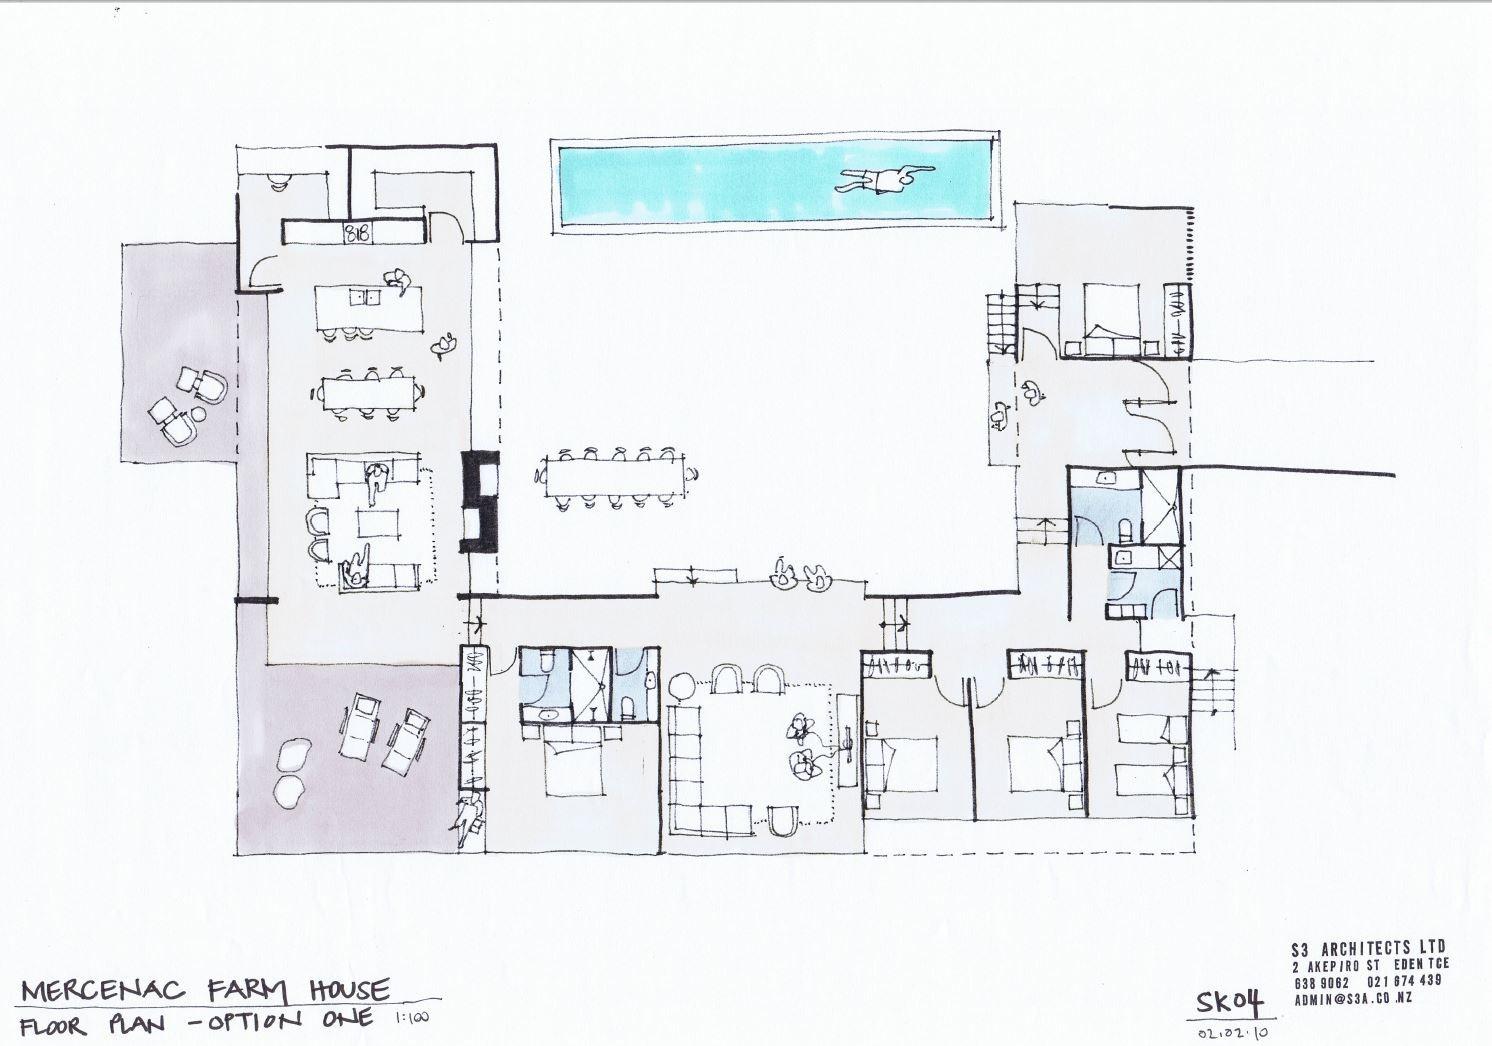 Te Hana Farmhouse S3 Architects